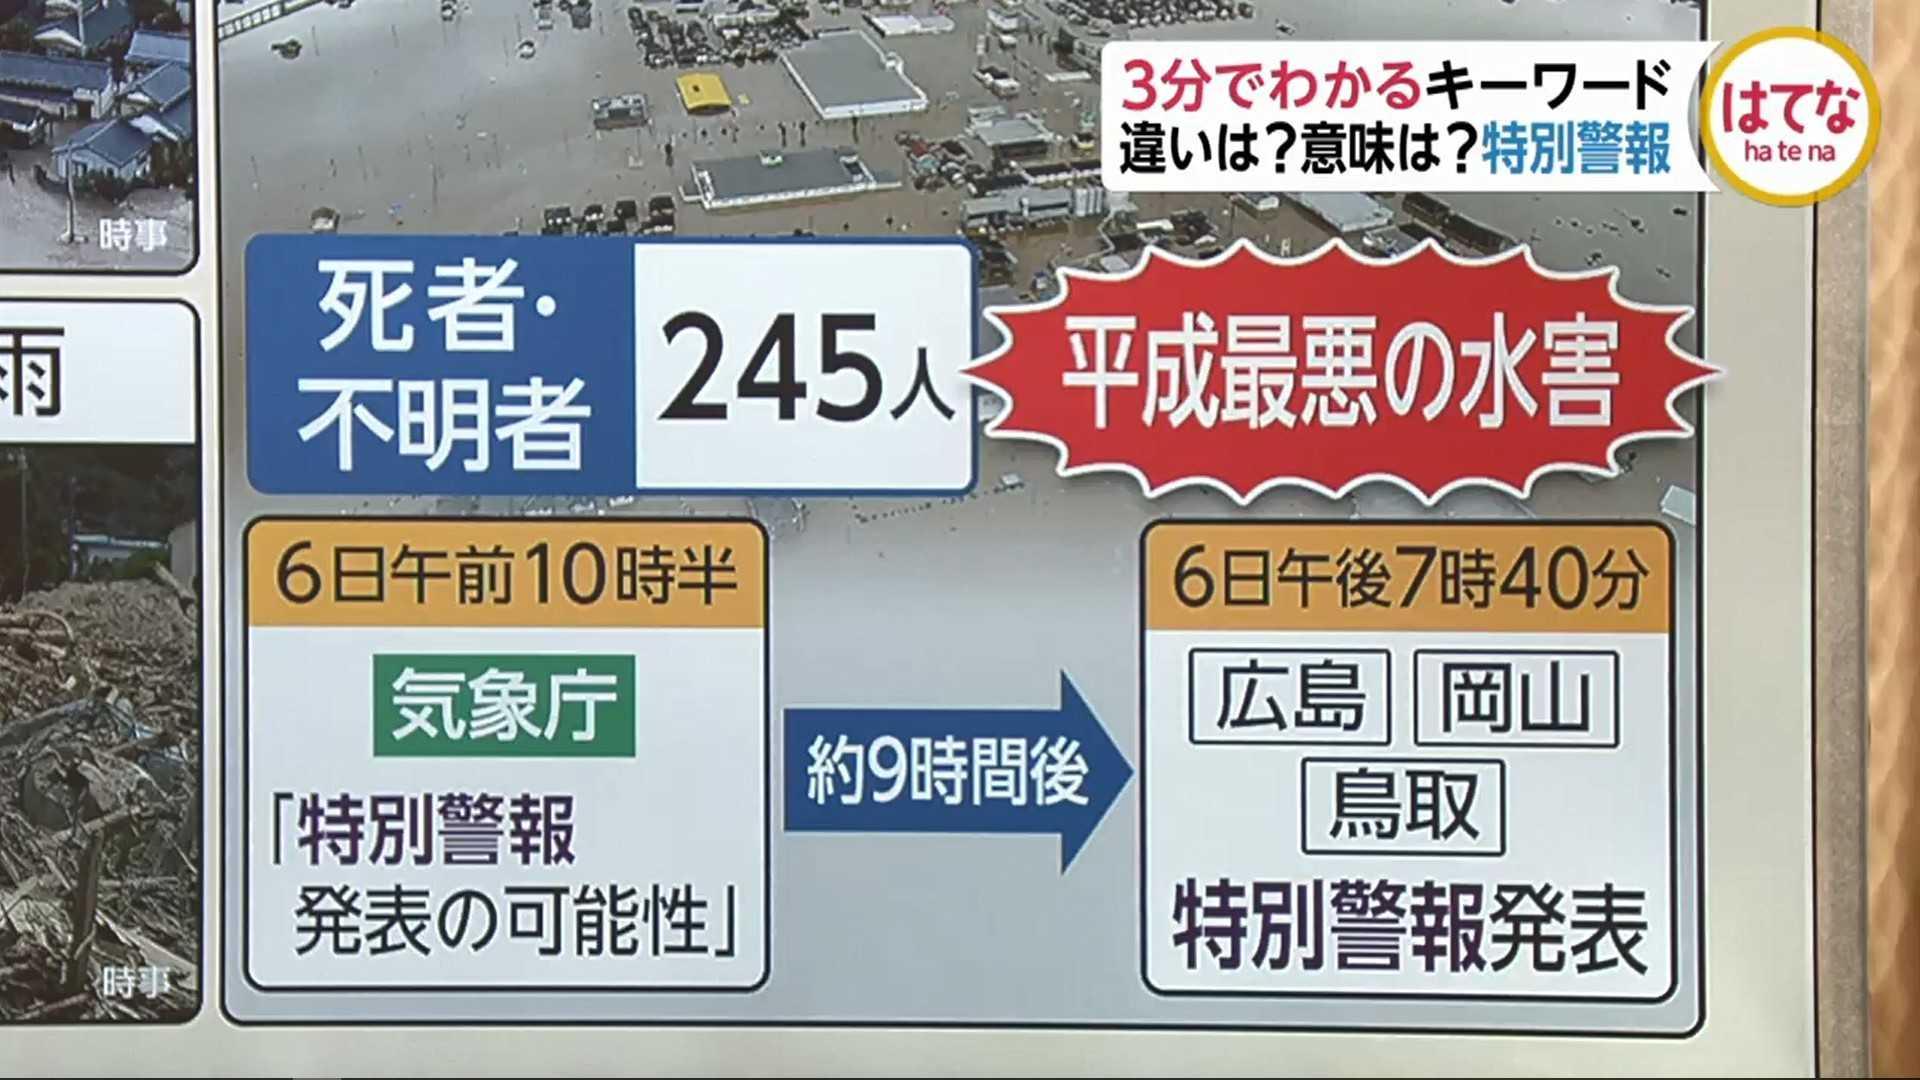 広島 警報 可能 性